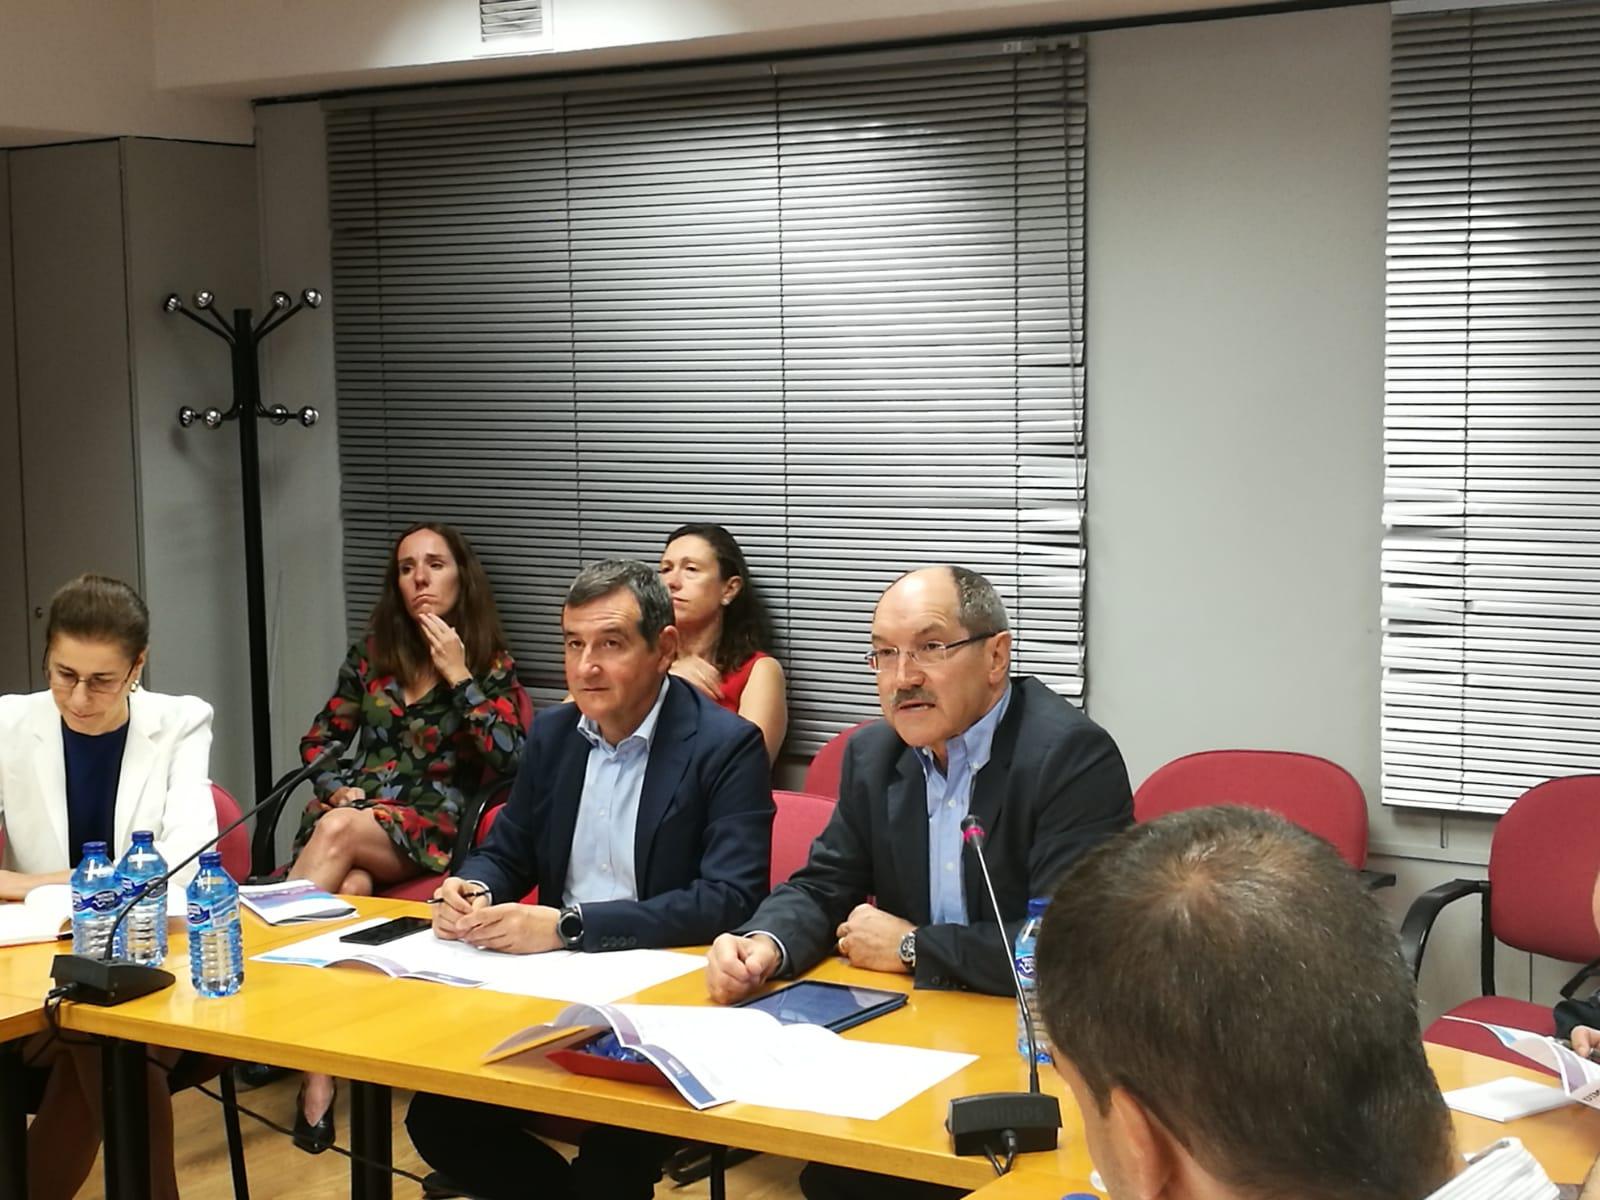 Francisco Hortigüela, Director General de Ametic, y Pedro Mier, Presidente de Ametic.